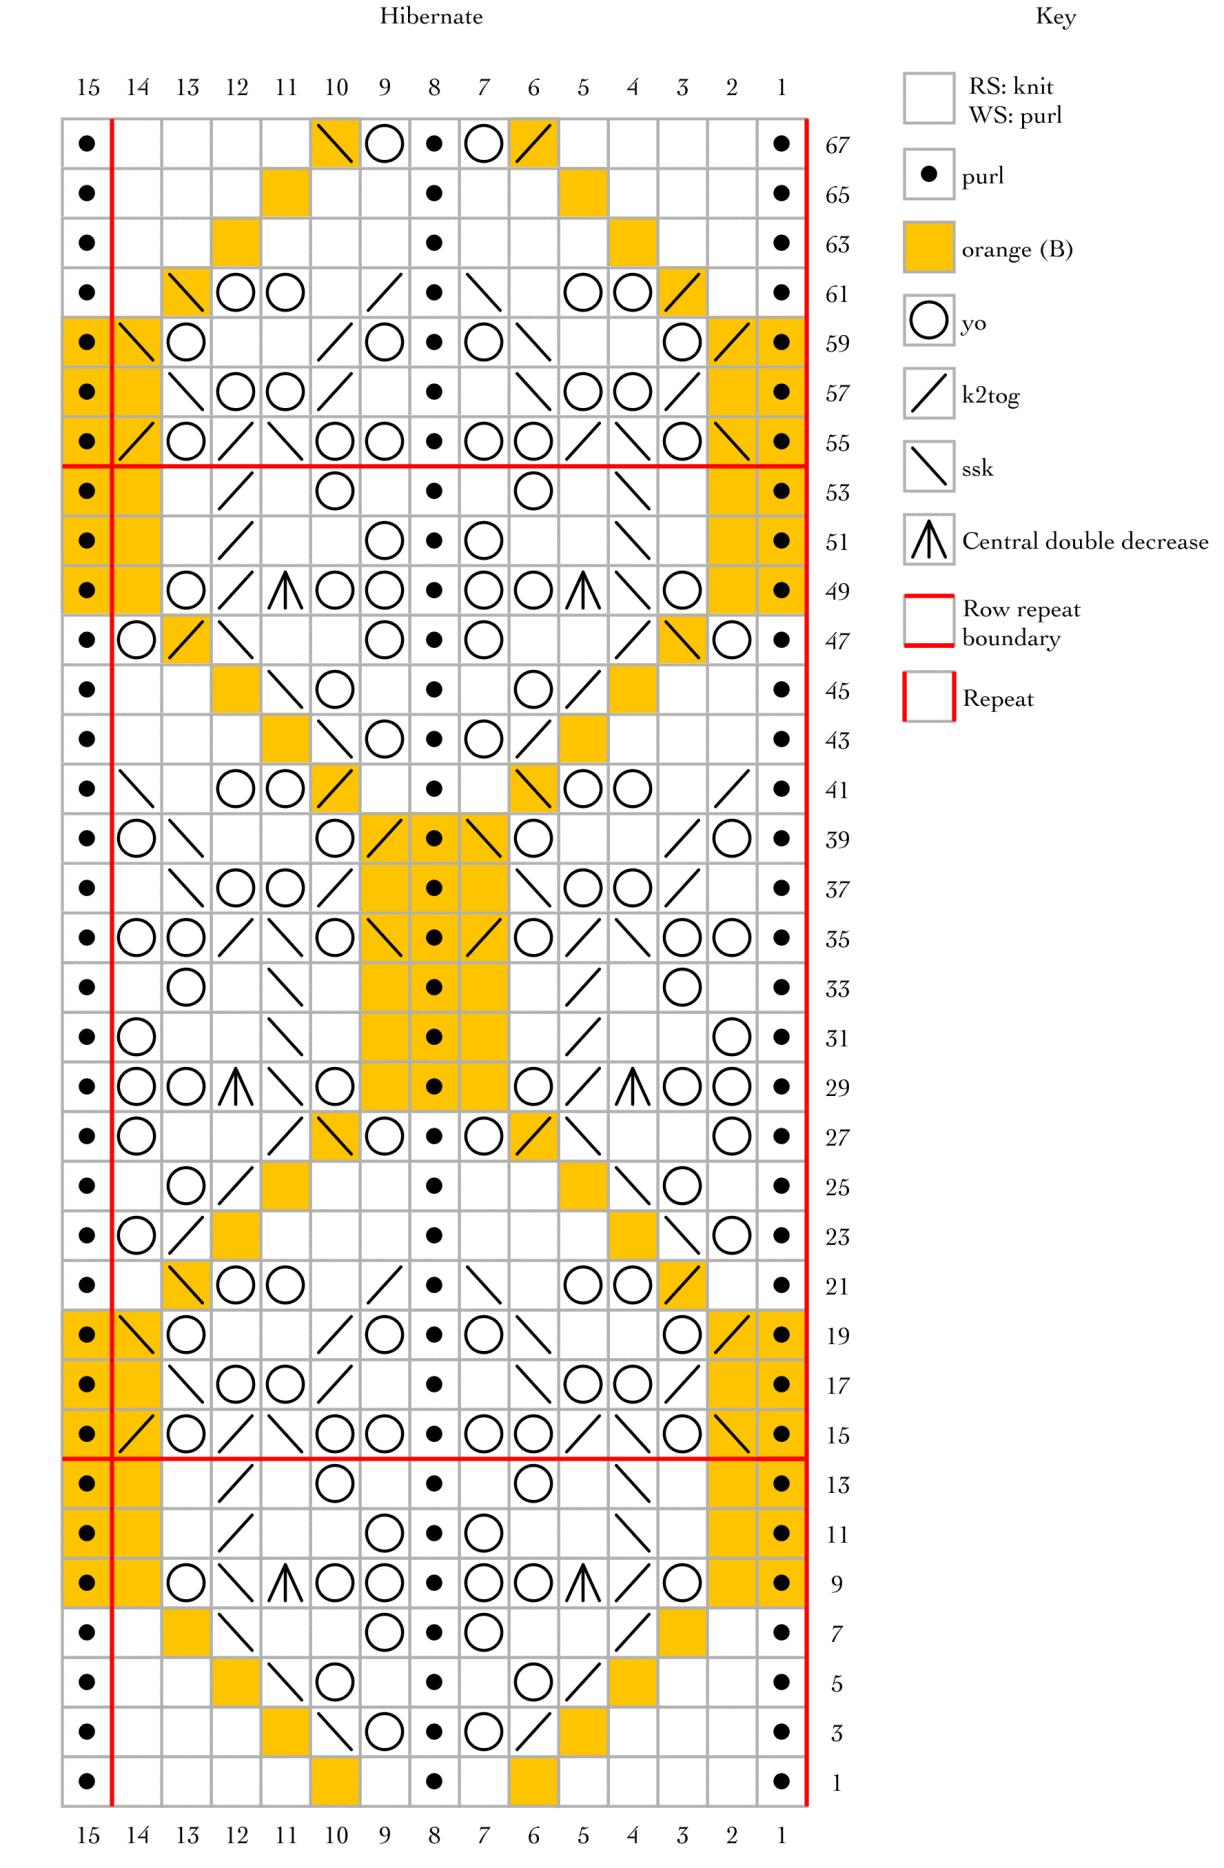 Hibernate: a free lace knitting stitch pattern | Puntadas